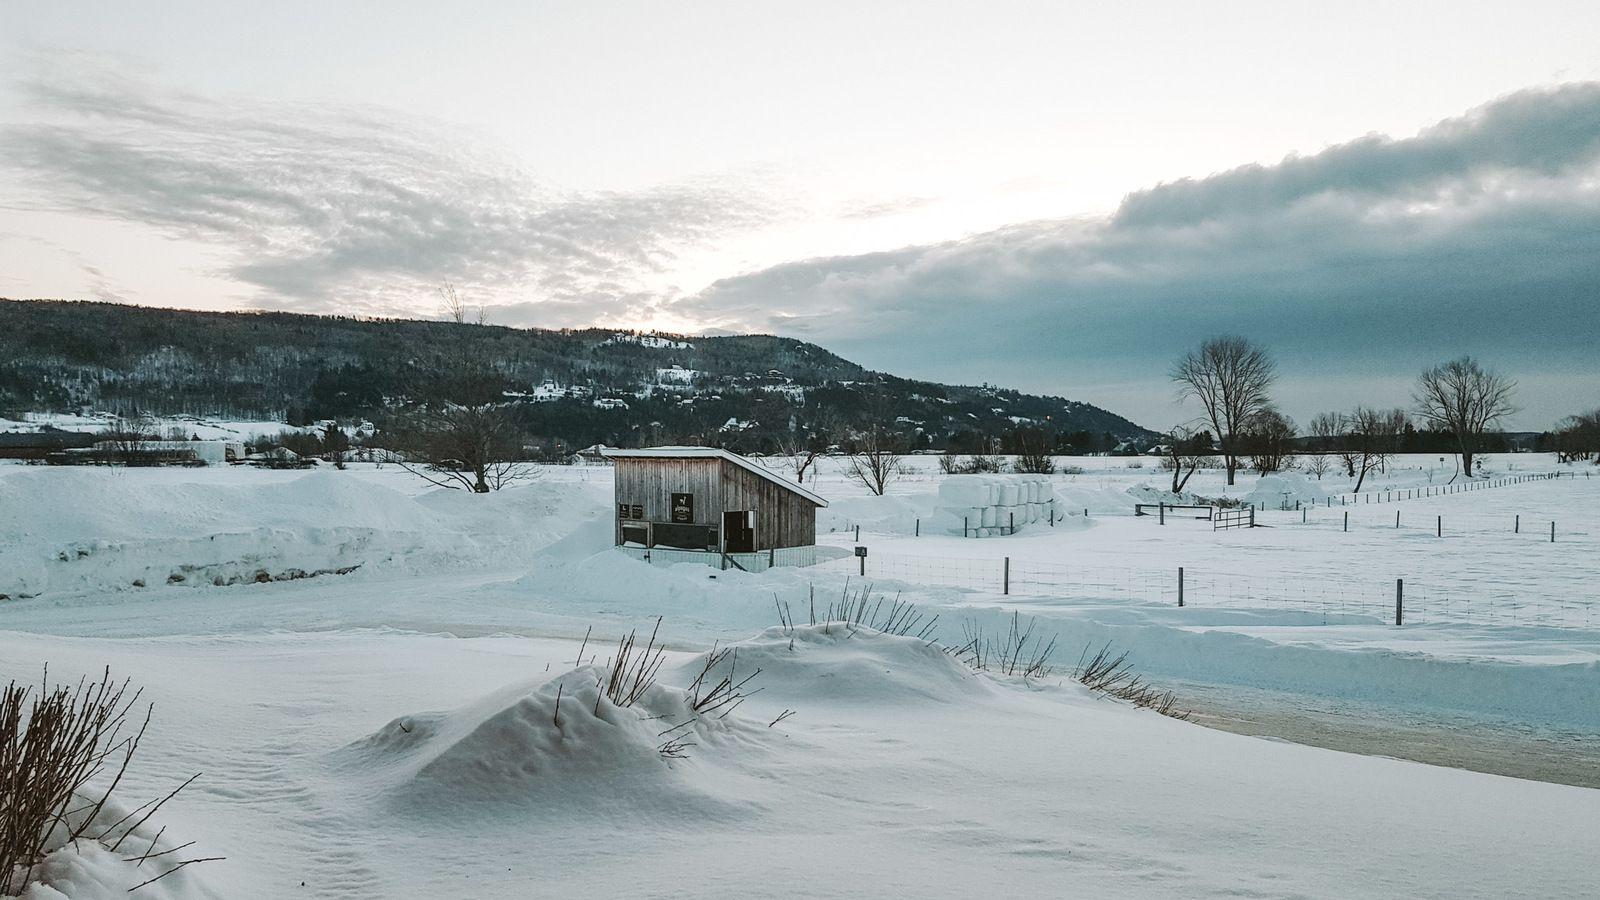 L'hiver au Québec: Entre Charlevoix et Saguenay-Lac-Saint-Jean